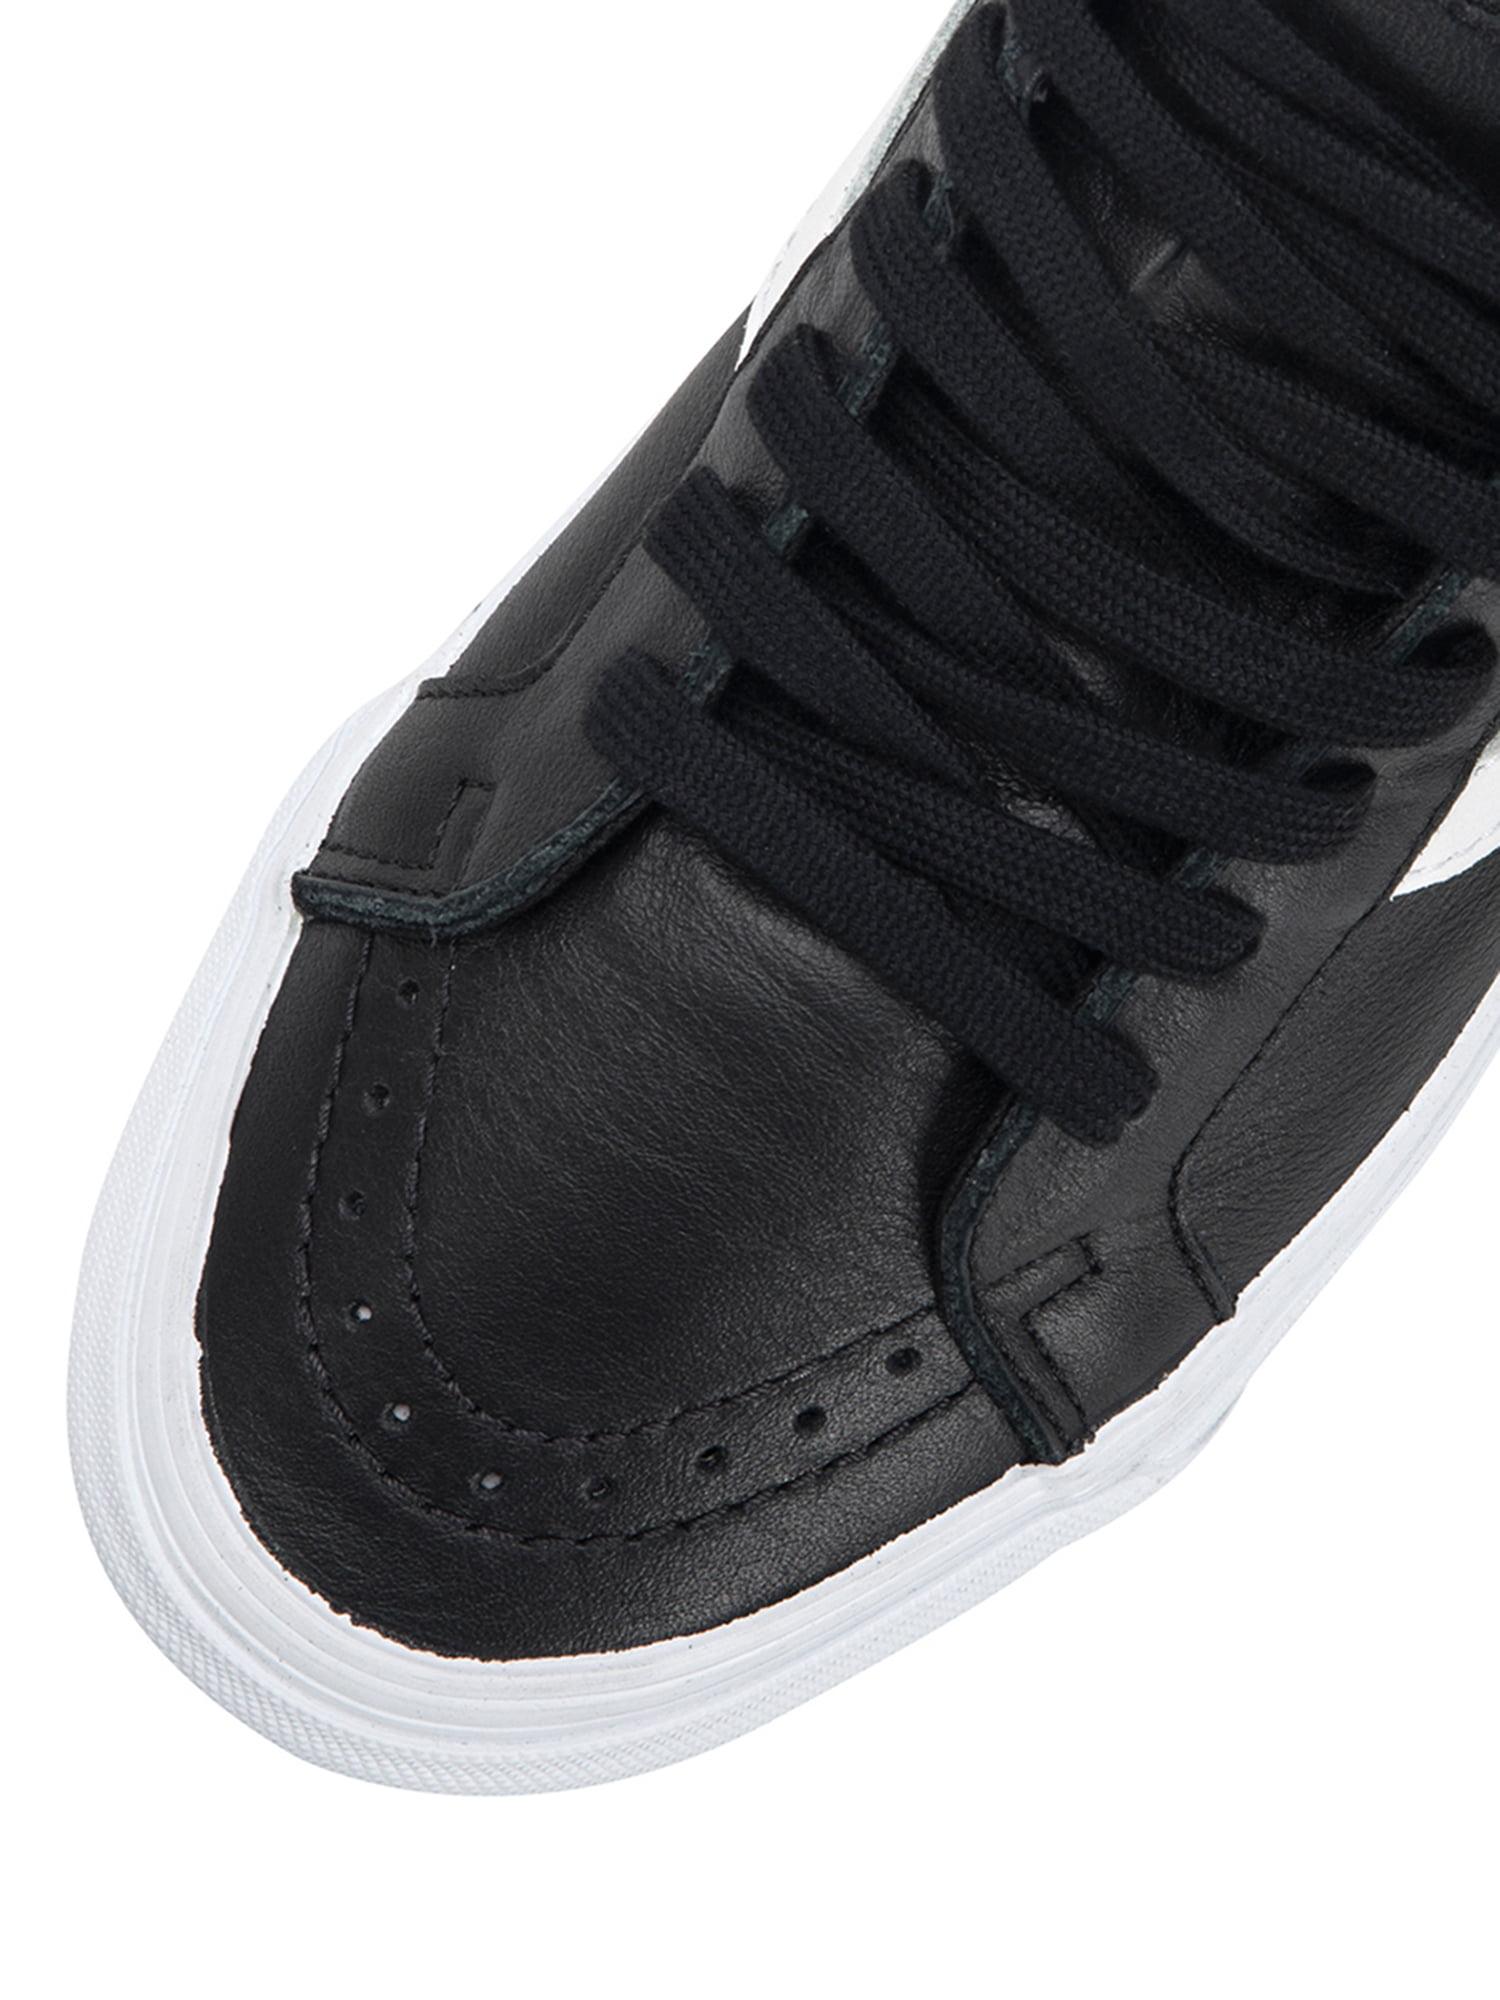 Vans OG SK8-HI LX Sneakers Black VN0003T01NS VLT Black Sneakers 81e221